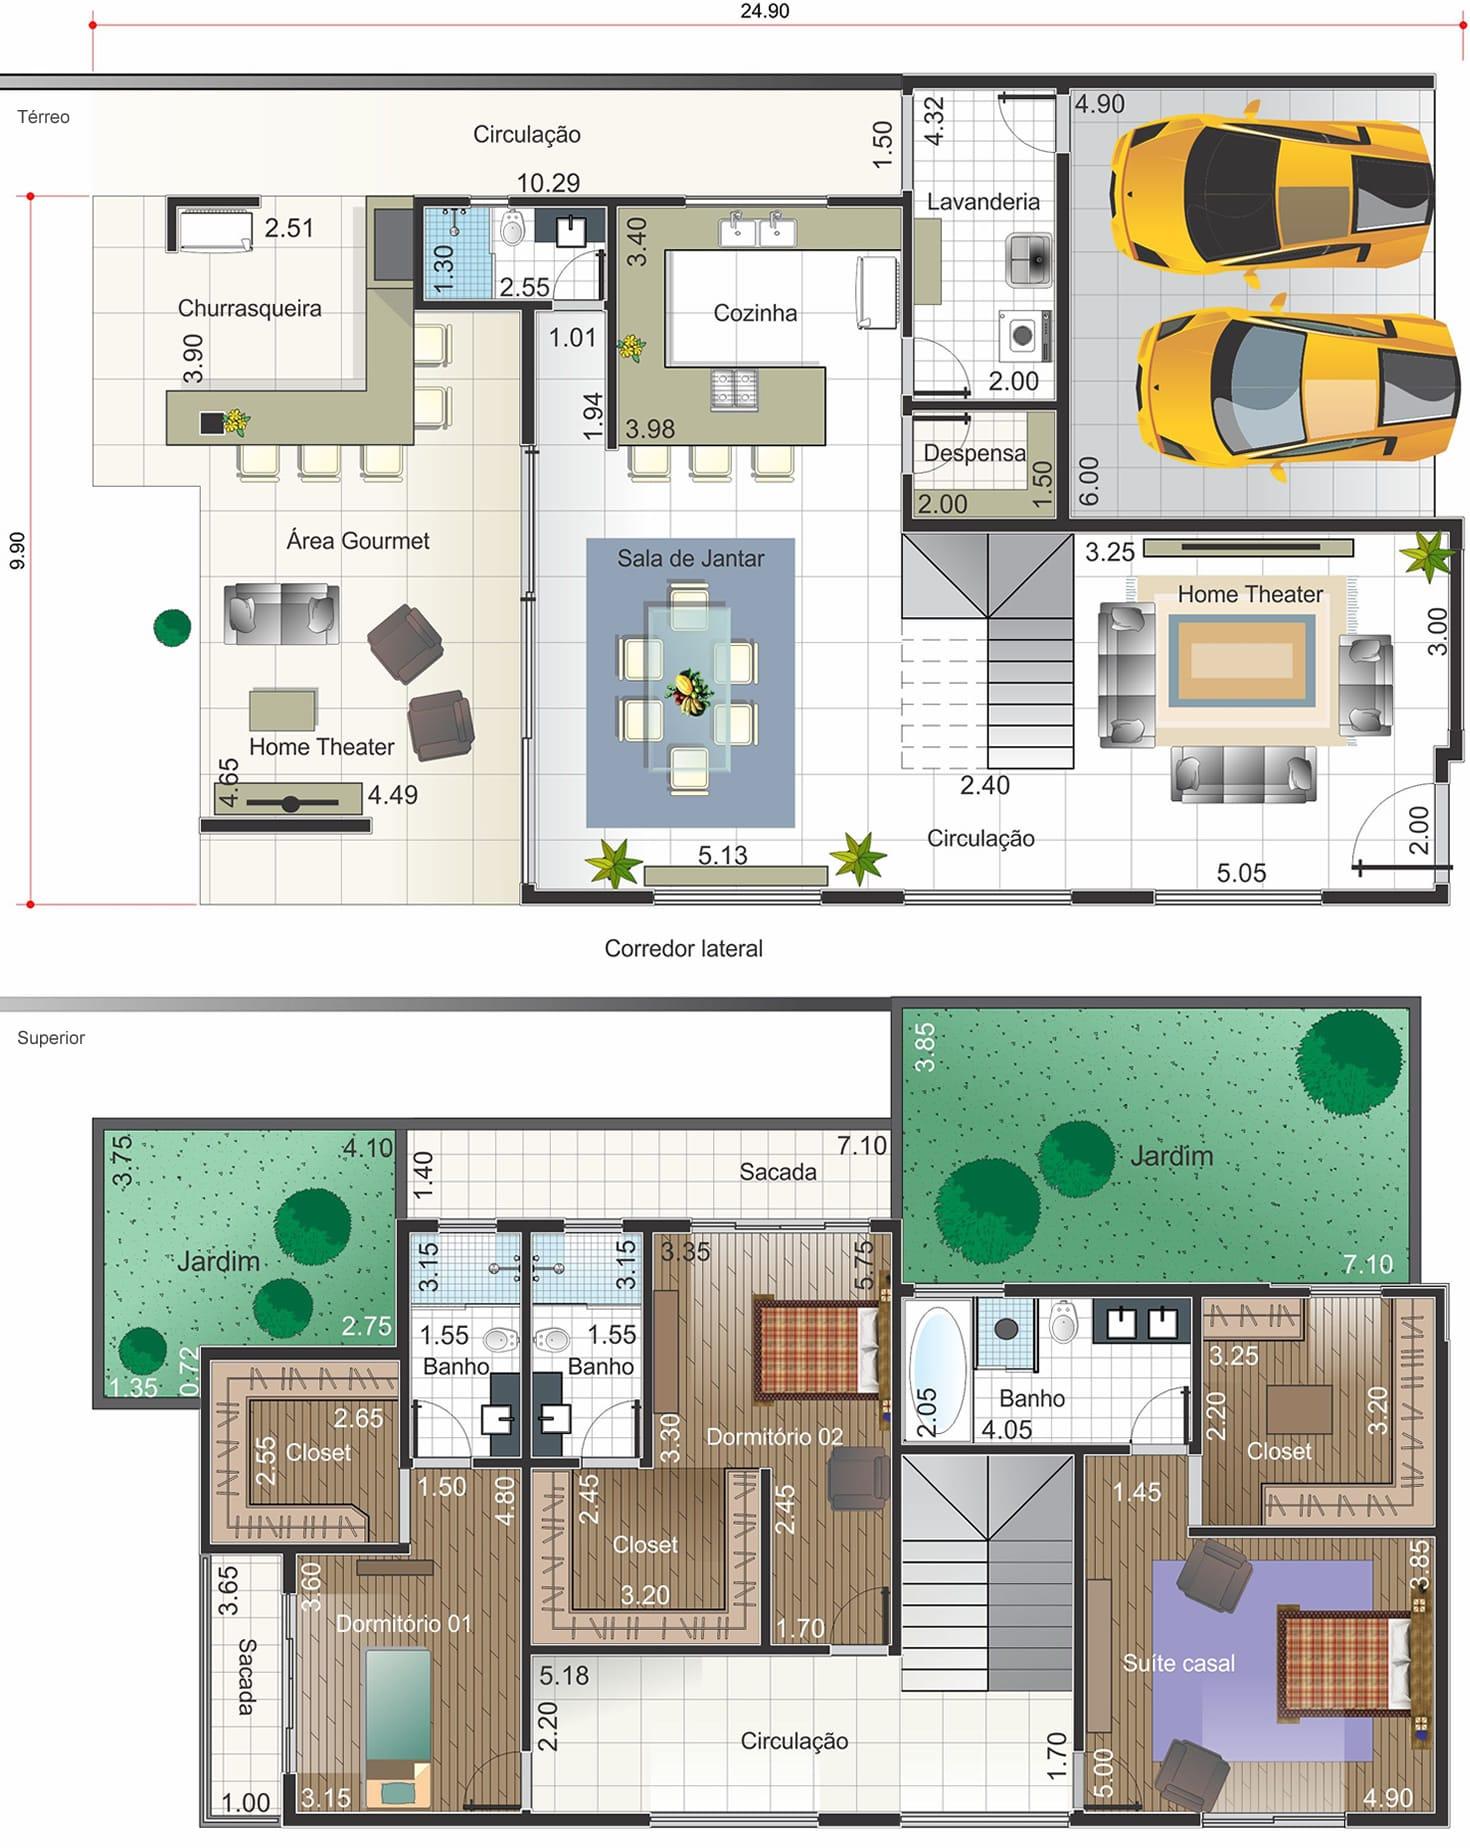 Planta de casa em estilo clássico. Planta para terreno 13x30